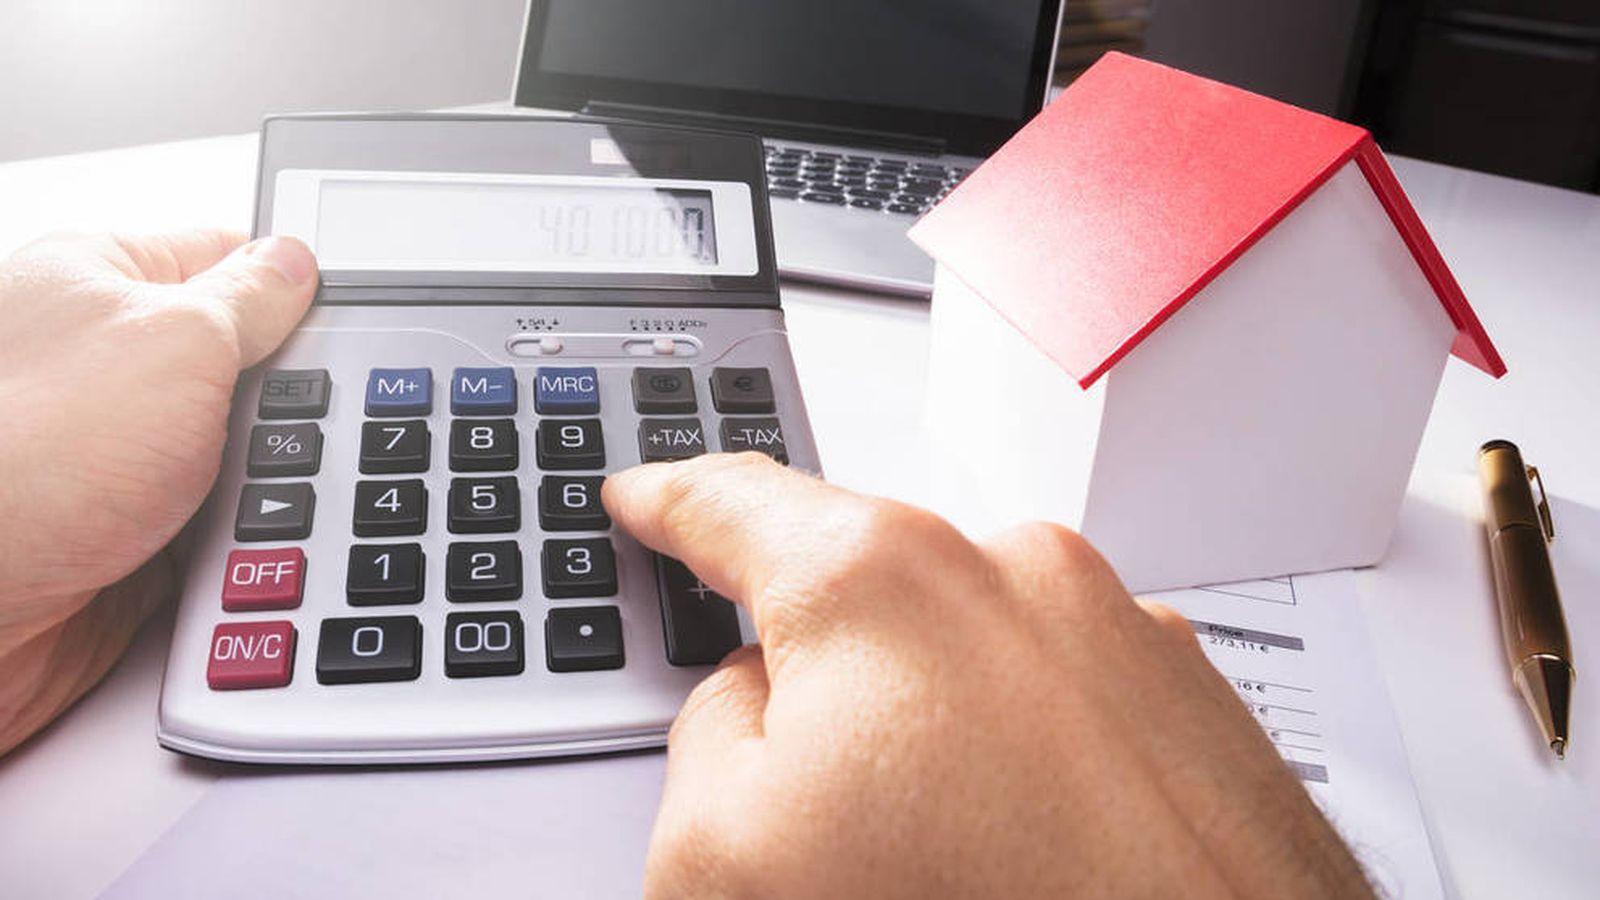 Registro De La Propiedad He Terminado De Pagar La Hipoteca Tengo Que Hacer Ahora Algún Trámite